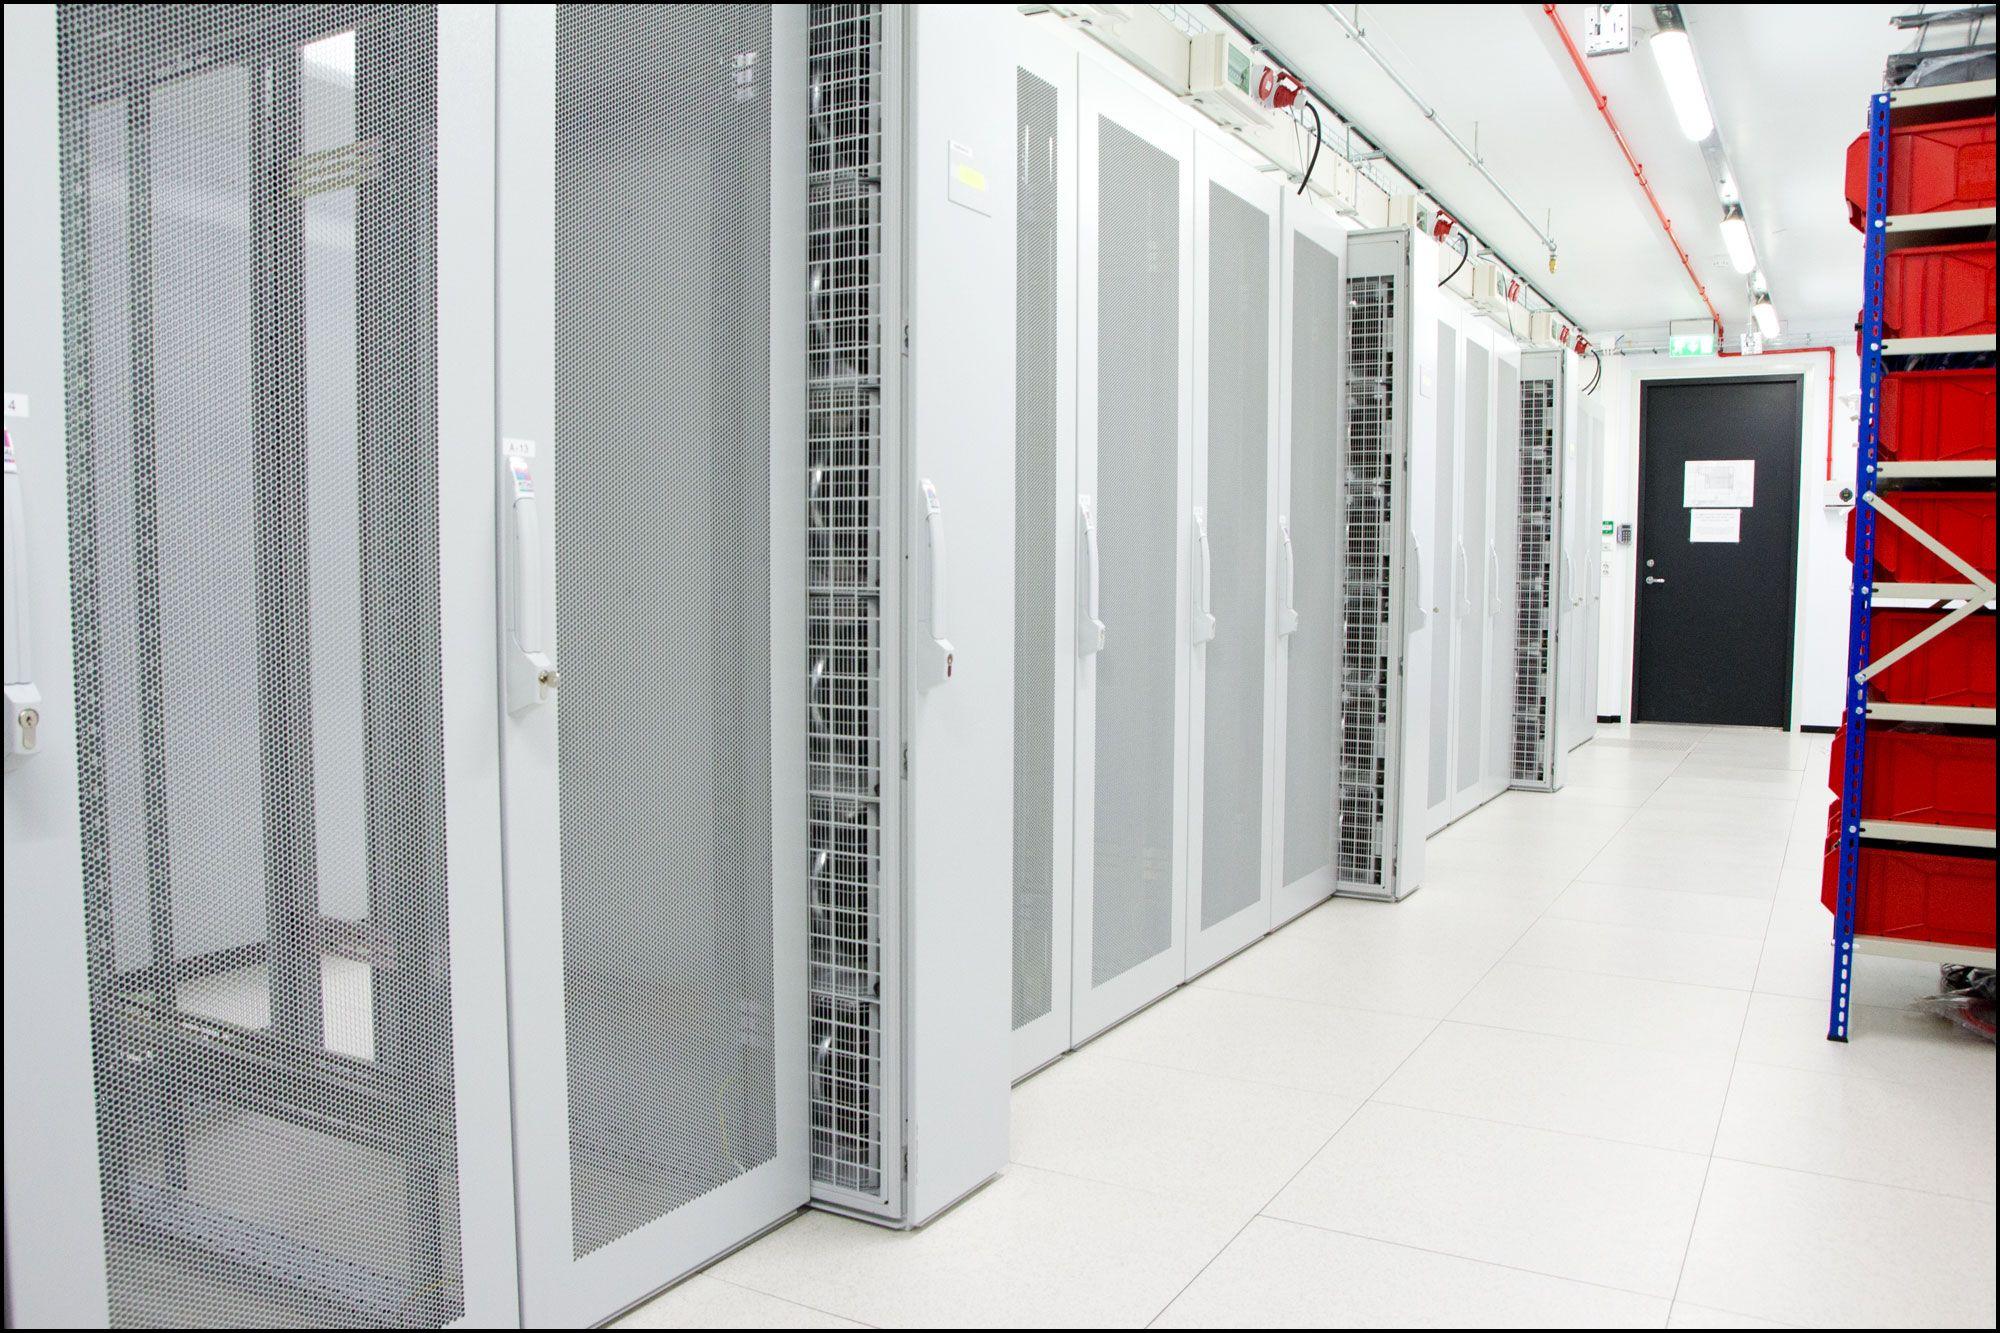 Dette datasenteret hos Linpro leverer Tek.no-nettsidene til deg. Foto: Jørgen Elton Nilsen